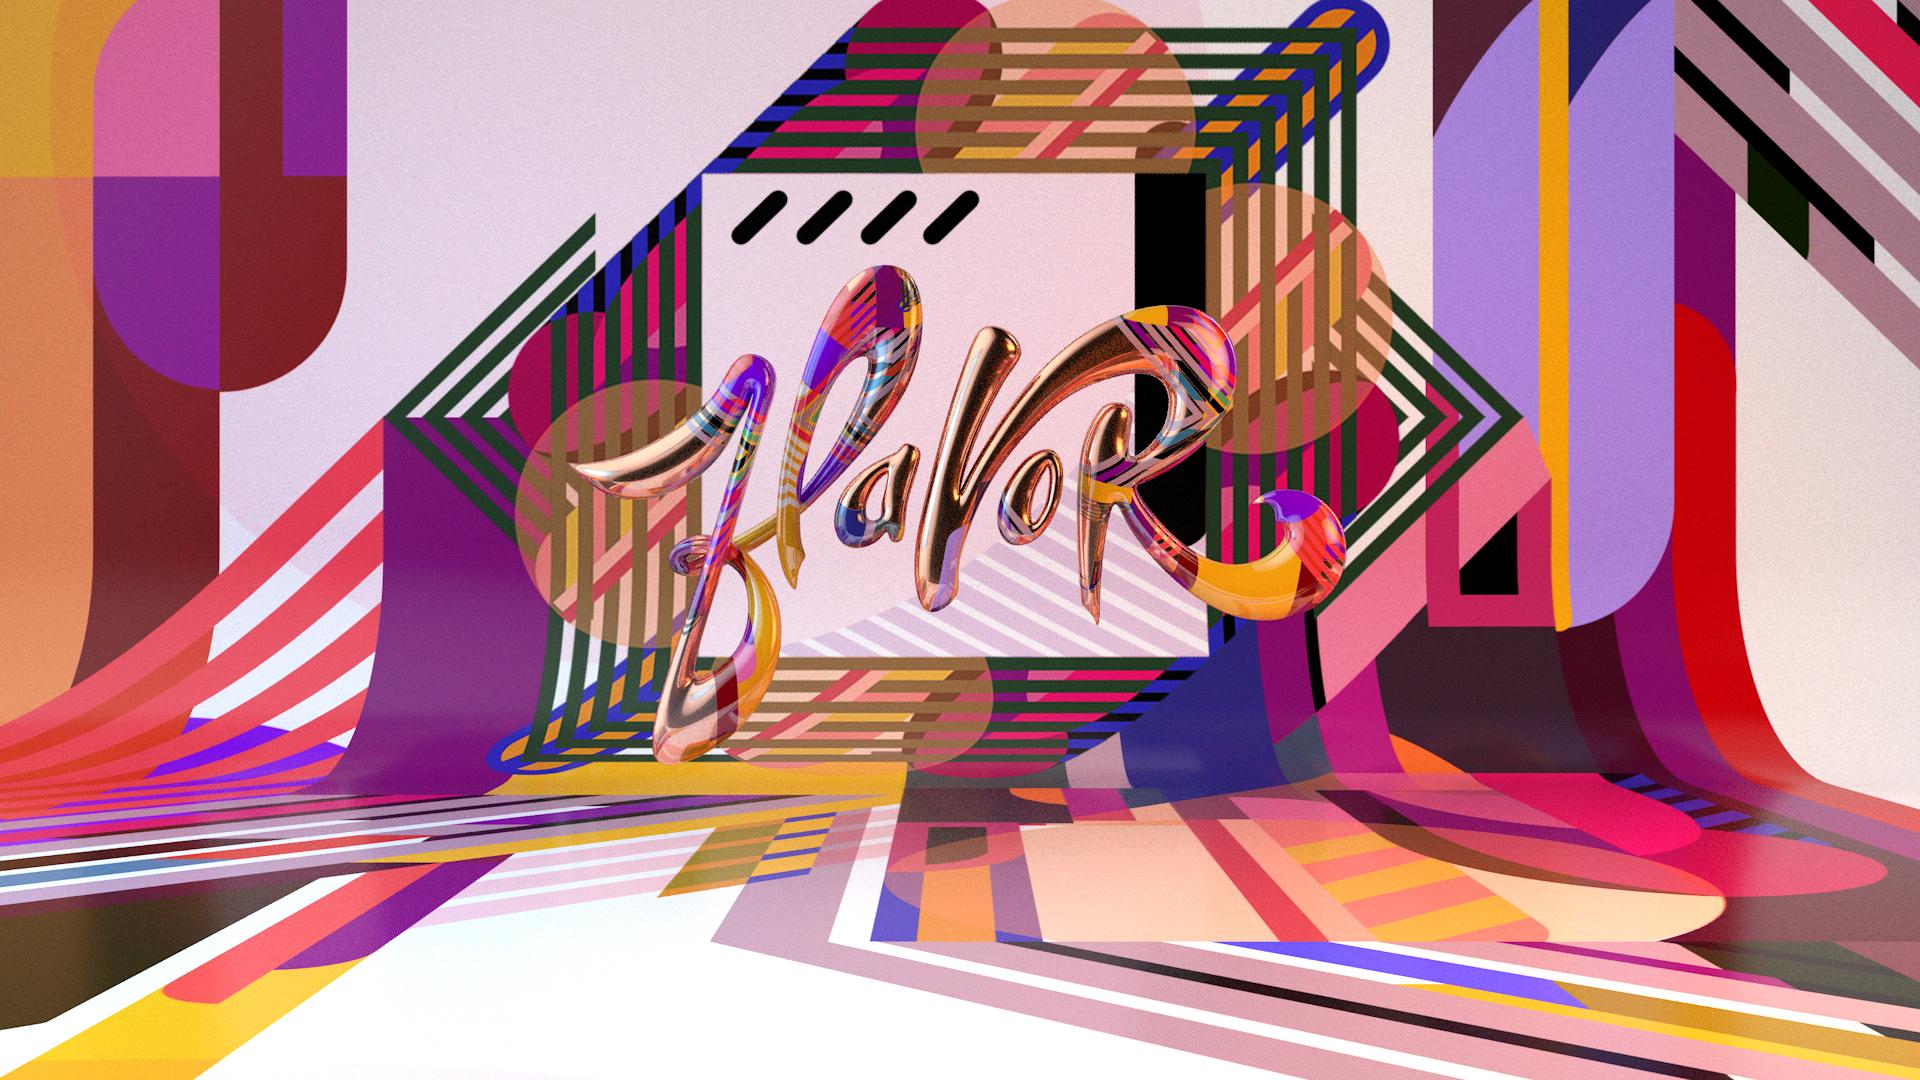 Flavor_Splash_02.jpg